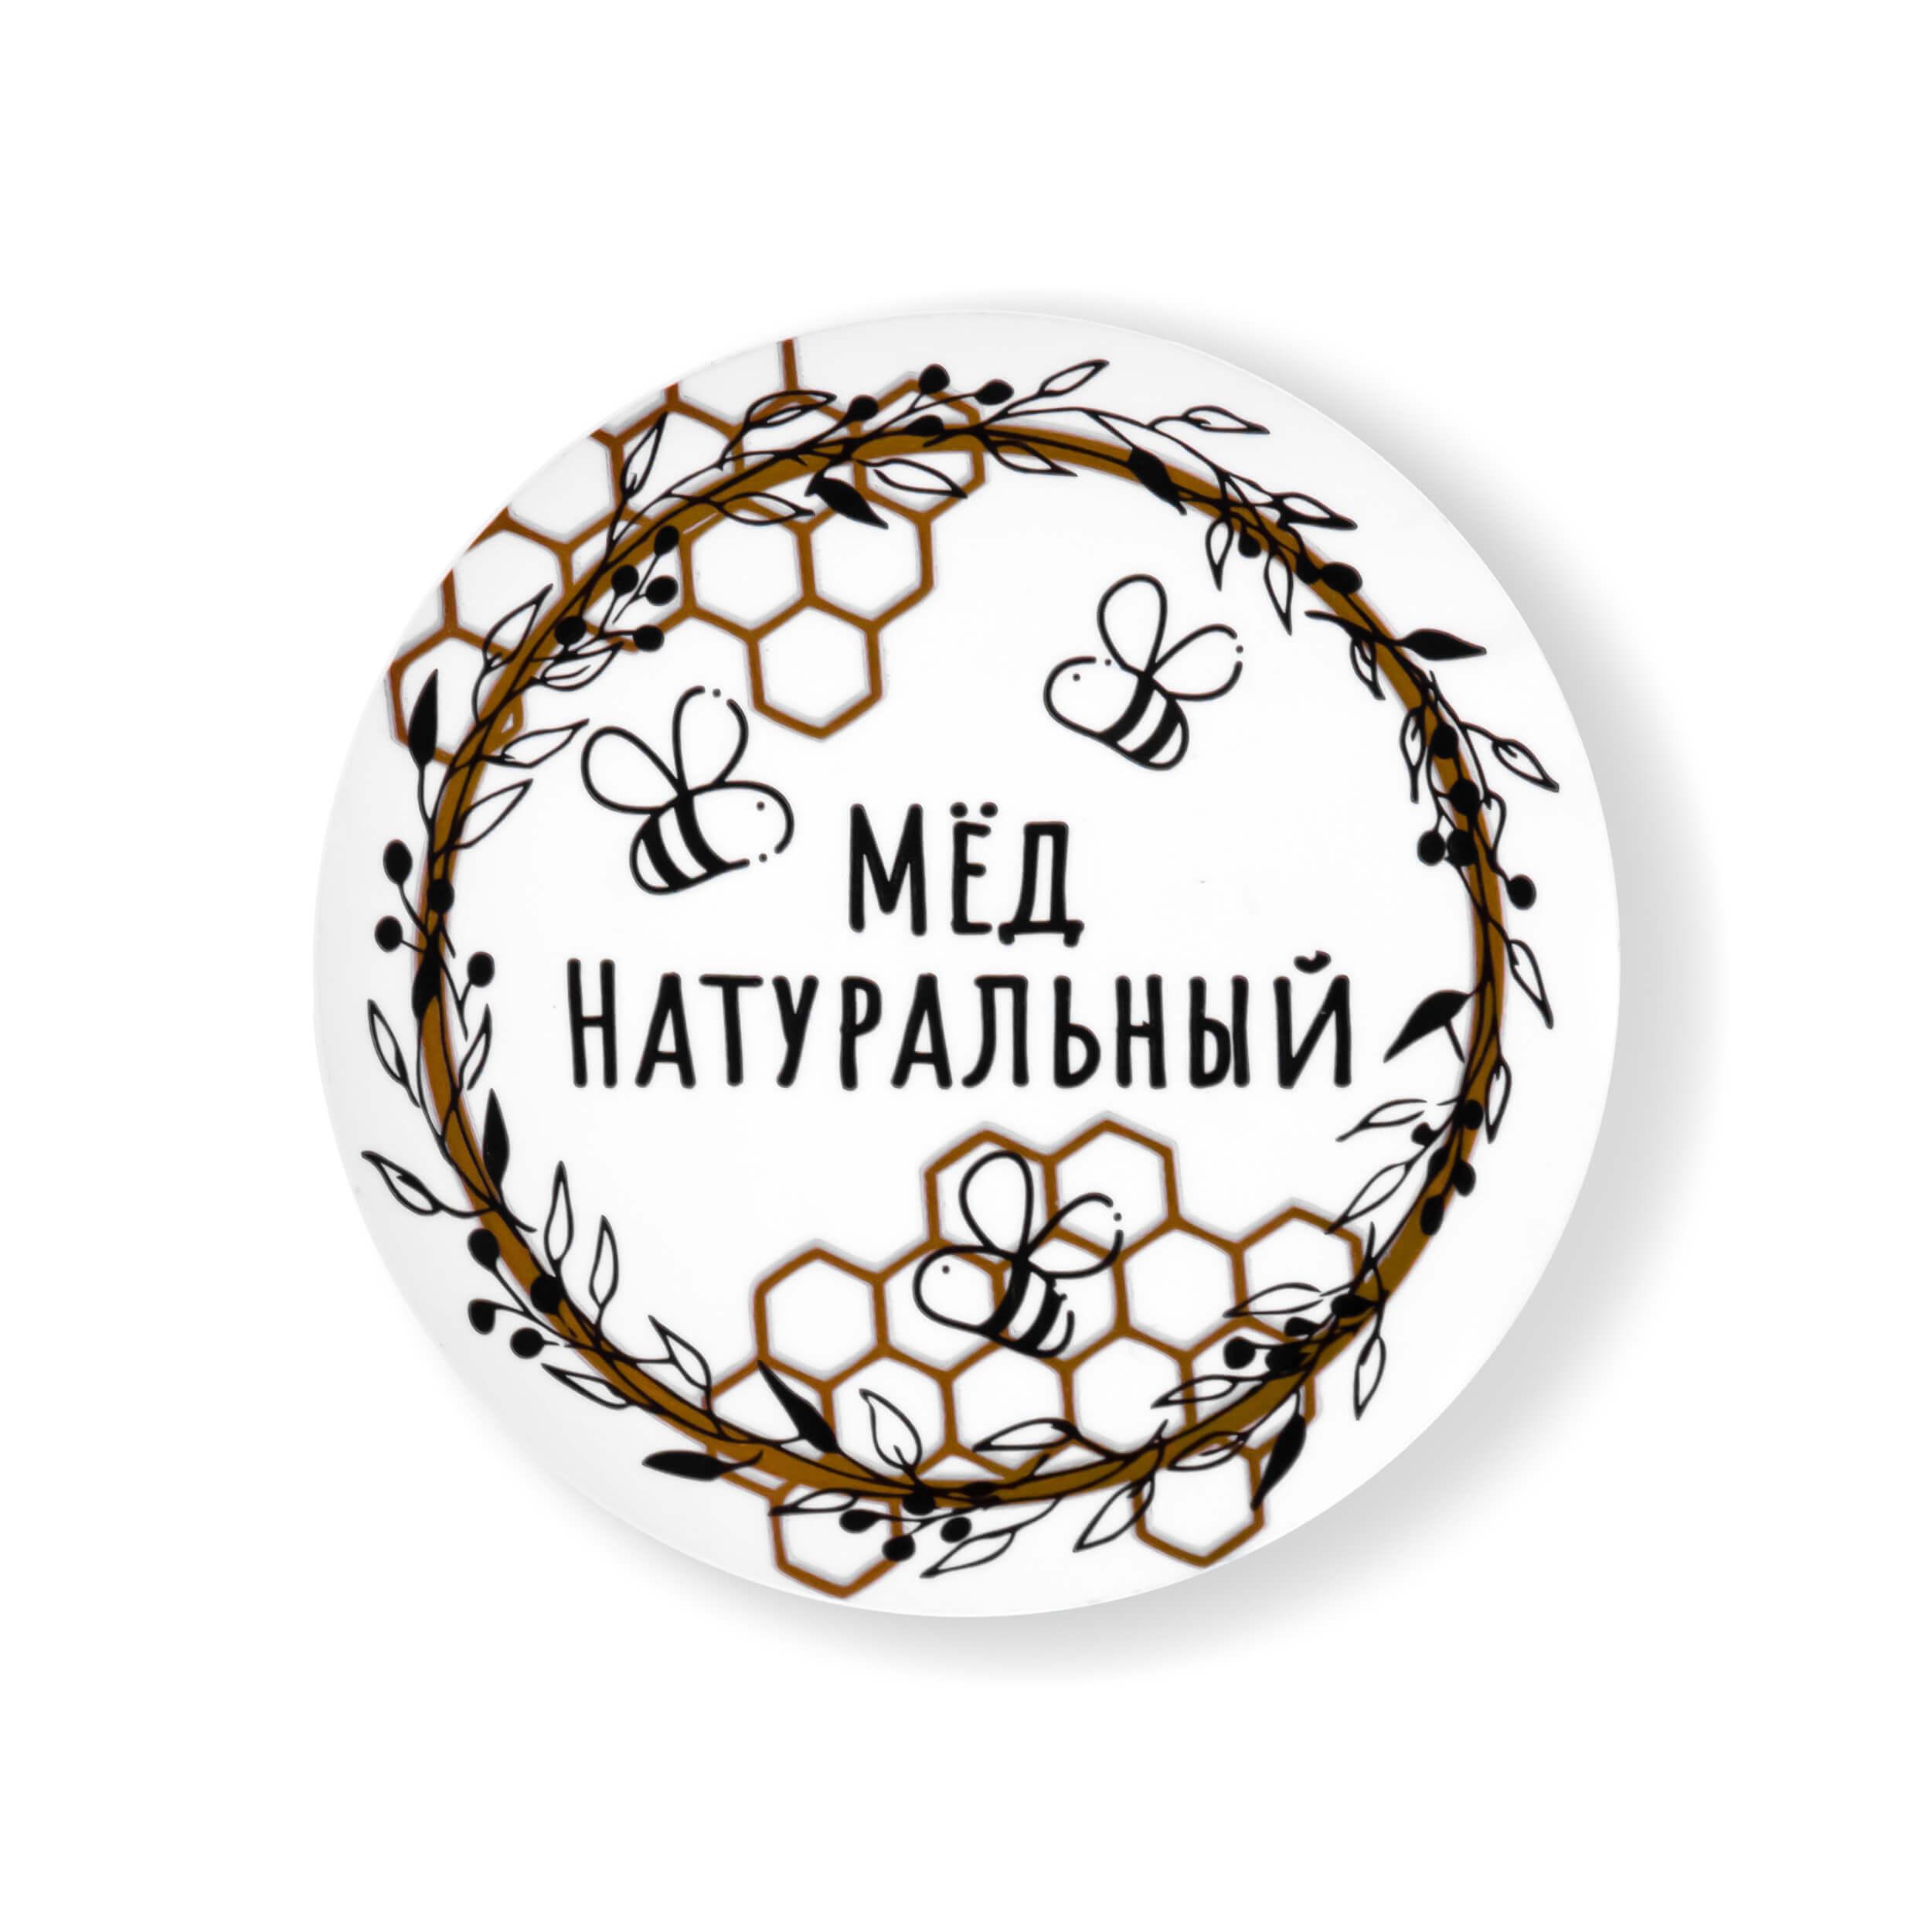 """Этикетка """"Мёд натуральный с пчелками"""" (D50, 100 штук) фото"""